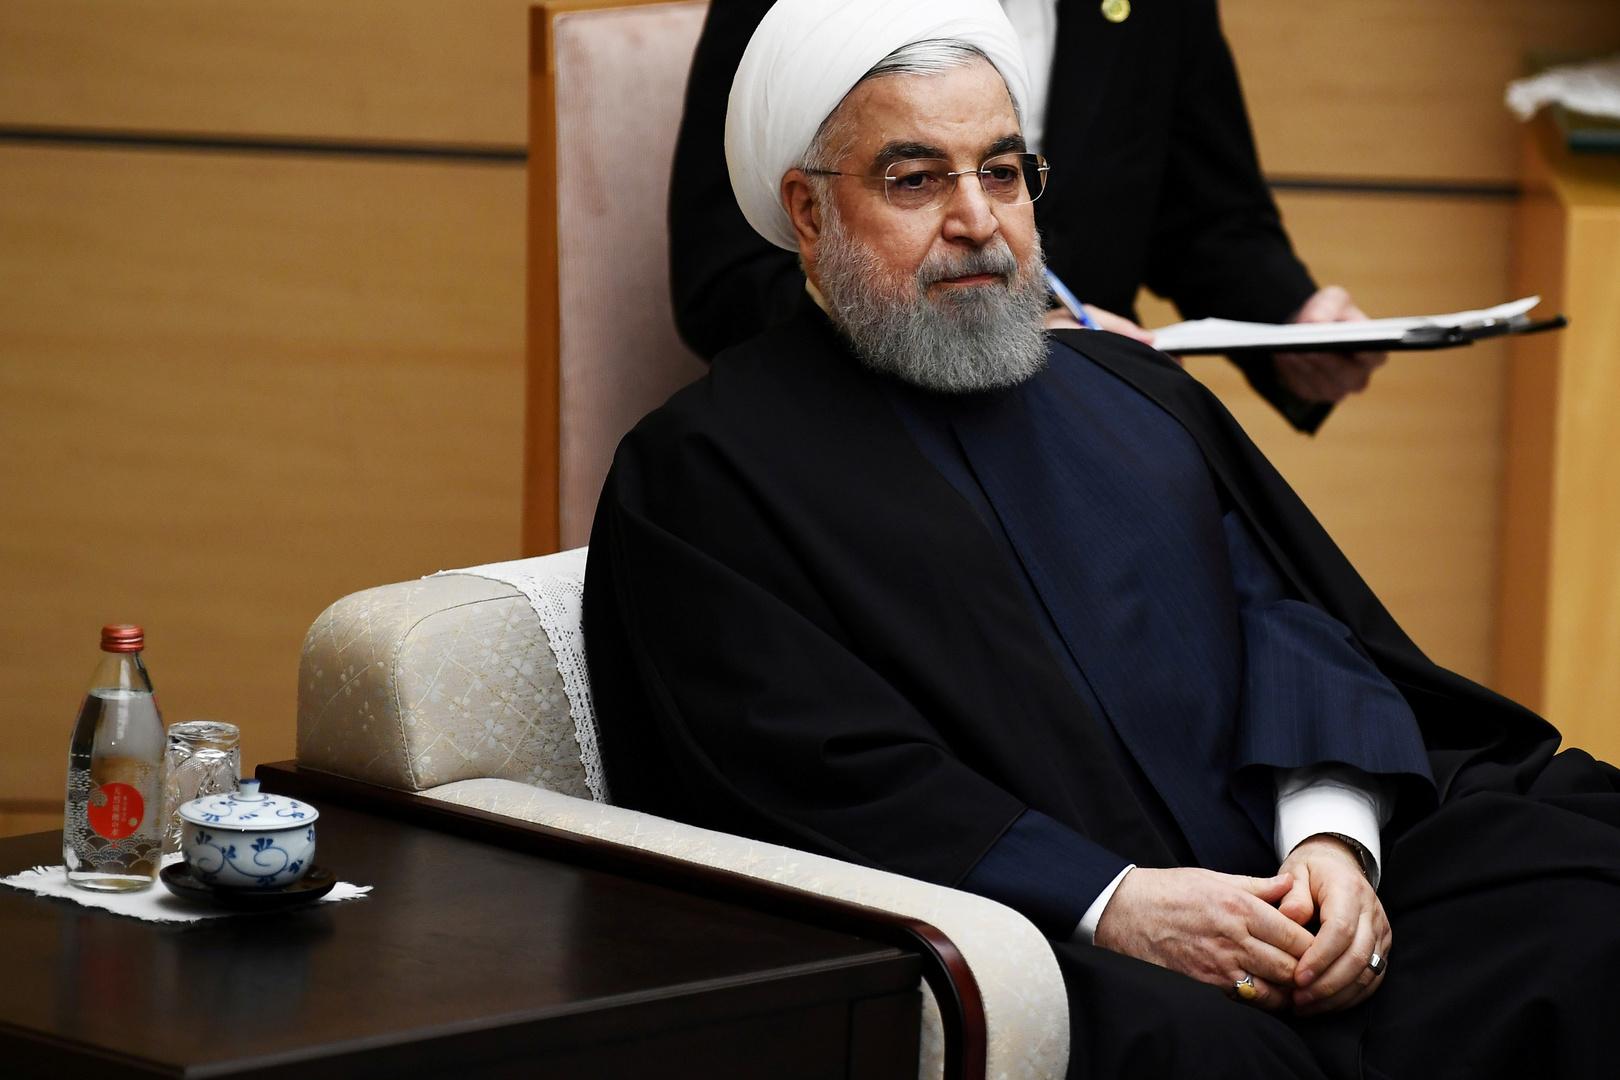 روحاني يعلن استئناف الأنشطة الاقتصادية بإيران السبت المقبل ما عدا طهران